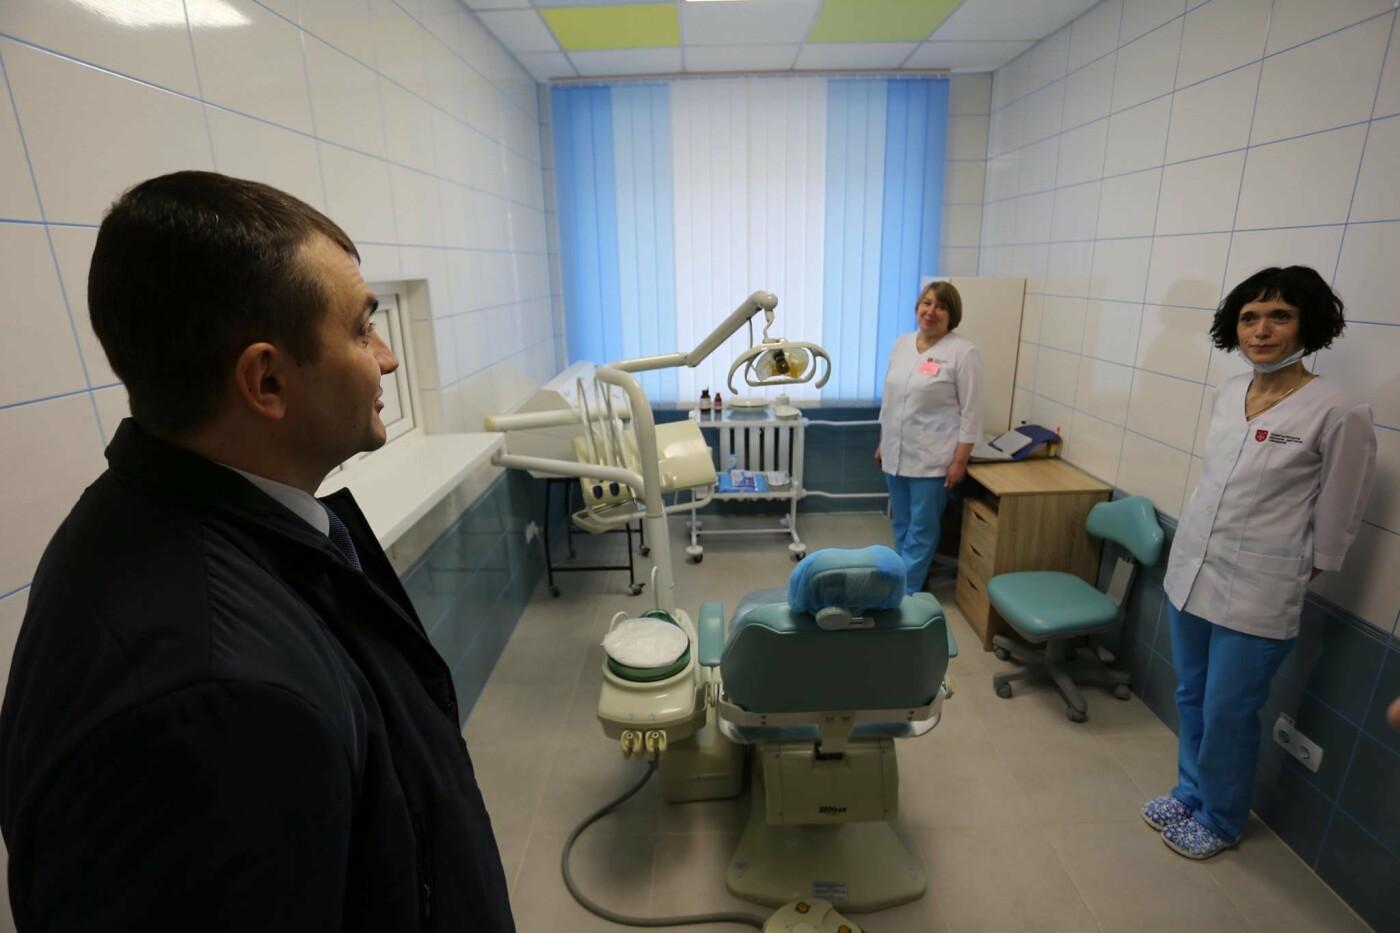 Міська дитяча стоматологія отримала нове приміщення та обладнання, фото-4